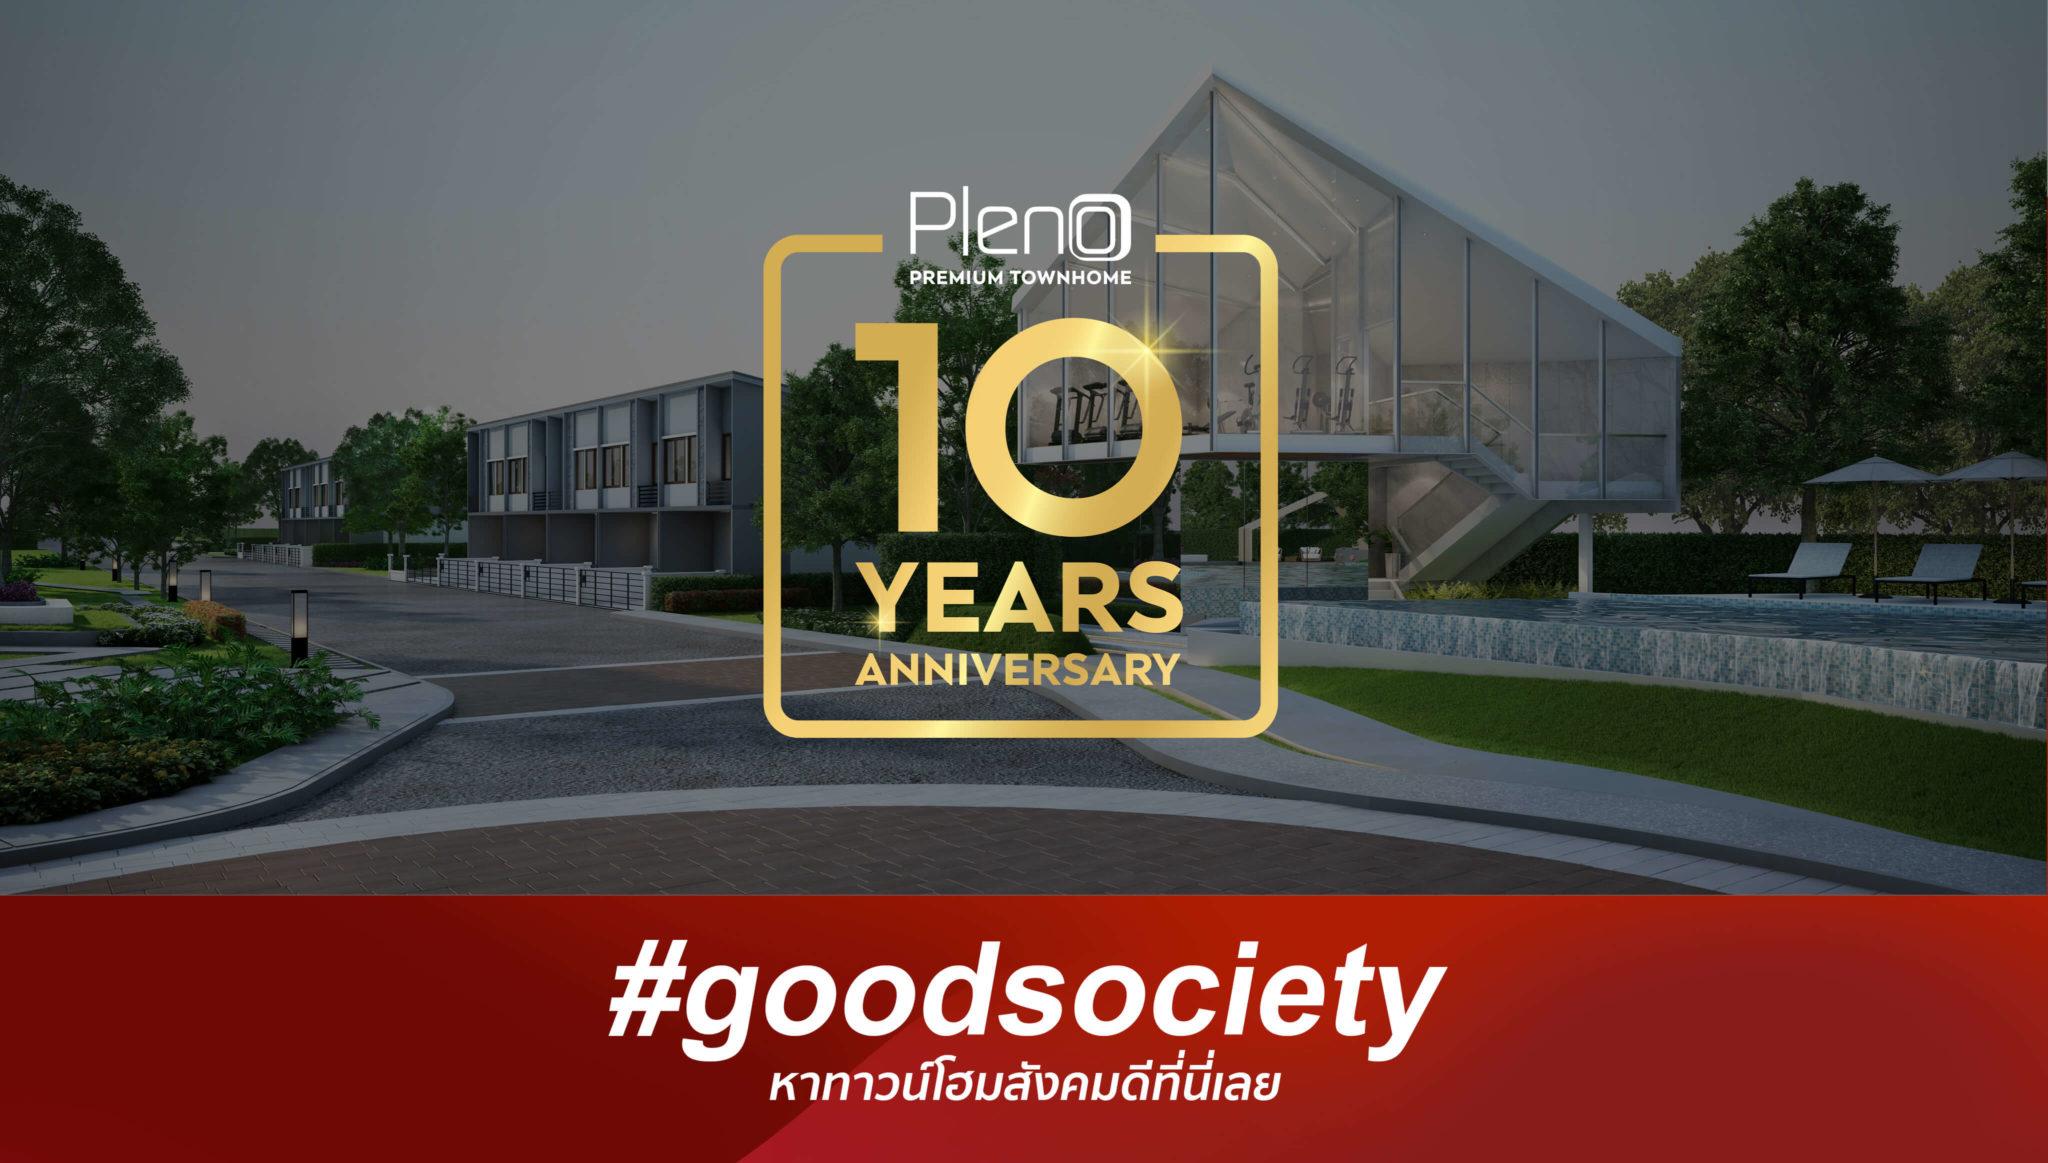 รับสิทธิพิเศษ! ฉลอง 10 ปี PLENO พรีเมียมทาวน์โฮม 2 ชั้น ครองใจผู้อยู่อาศัย พร้อมเปิดตัวโครงการใหม่ 19-20 พ.ค. นี้ 13 - AP (Thailand) - เอพี (ไทยแลนด์)